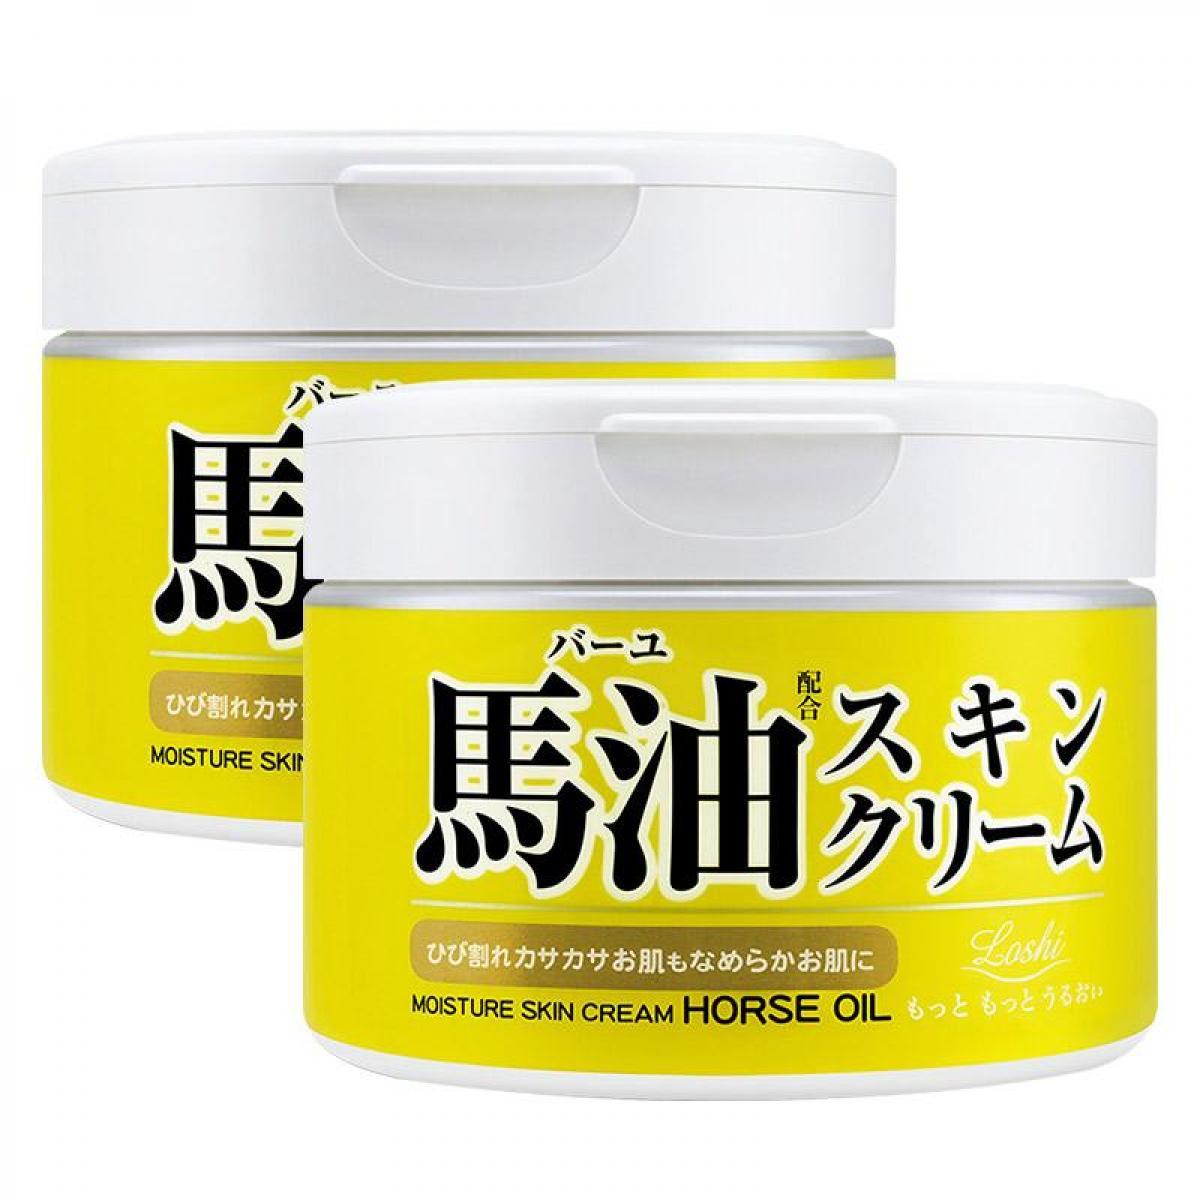 【2罐装】日本原装Loshi马油护肤霜面霜润肤霜雪花膏